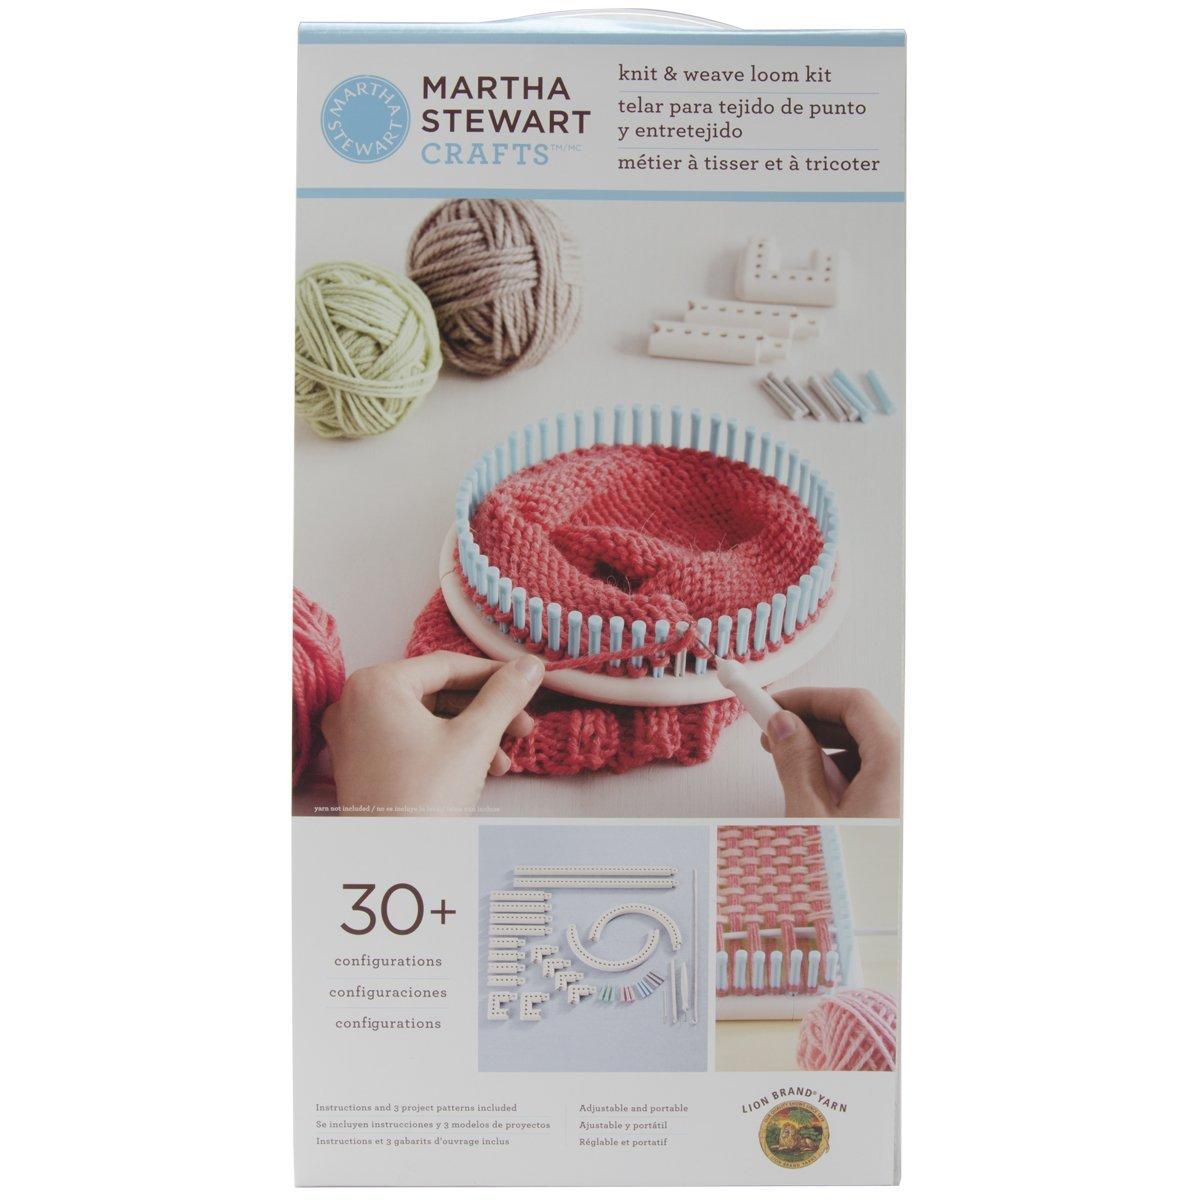 Le métier à tisser et à tricoter de Martha Stewart